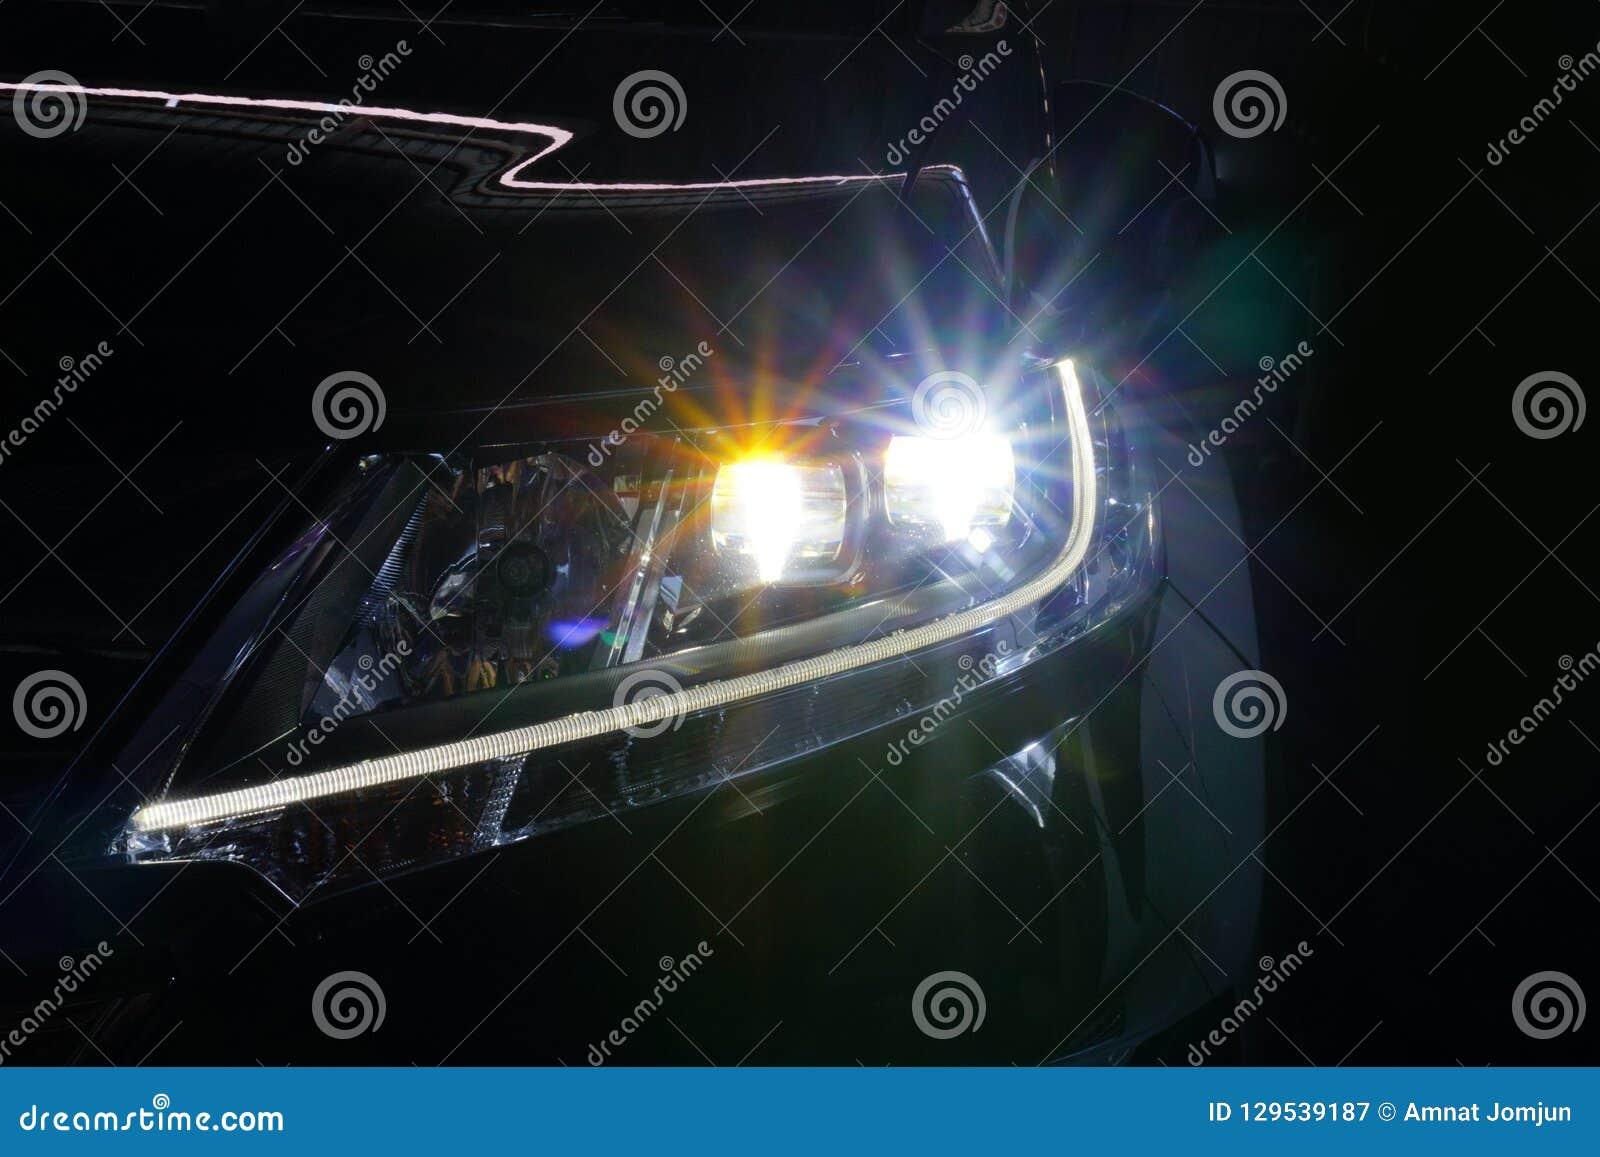 Engel mustert glühende Optiklinse des Xenonscheinwerfers